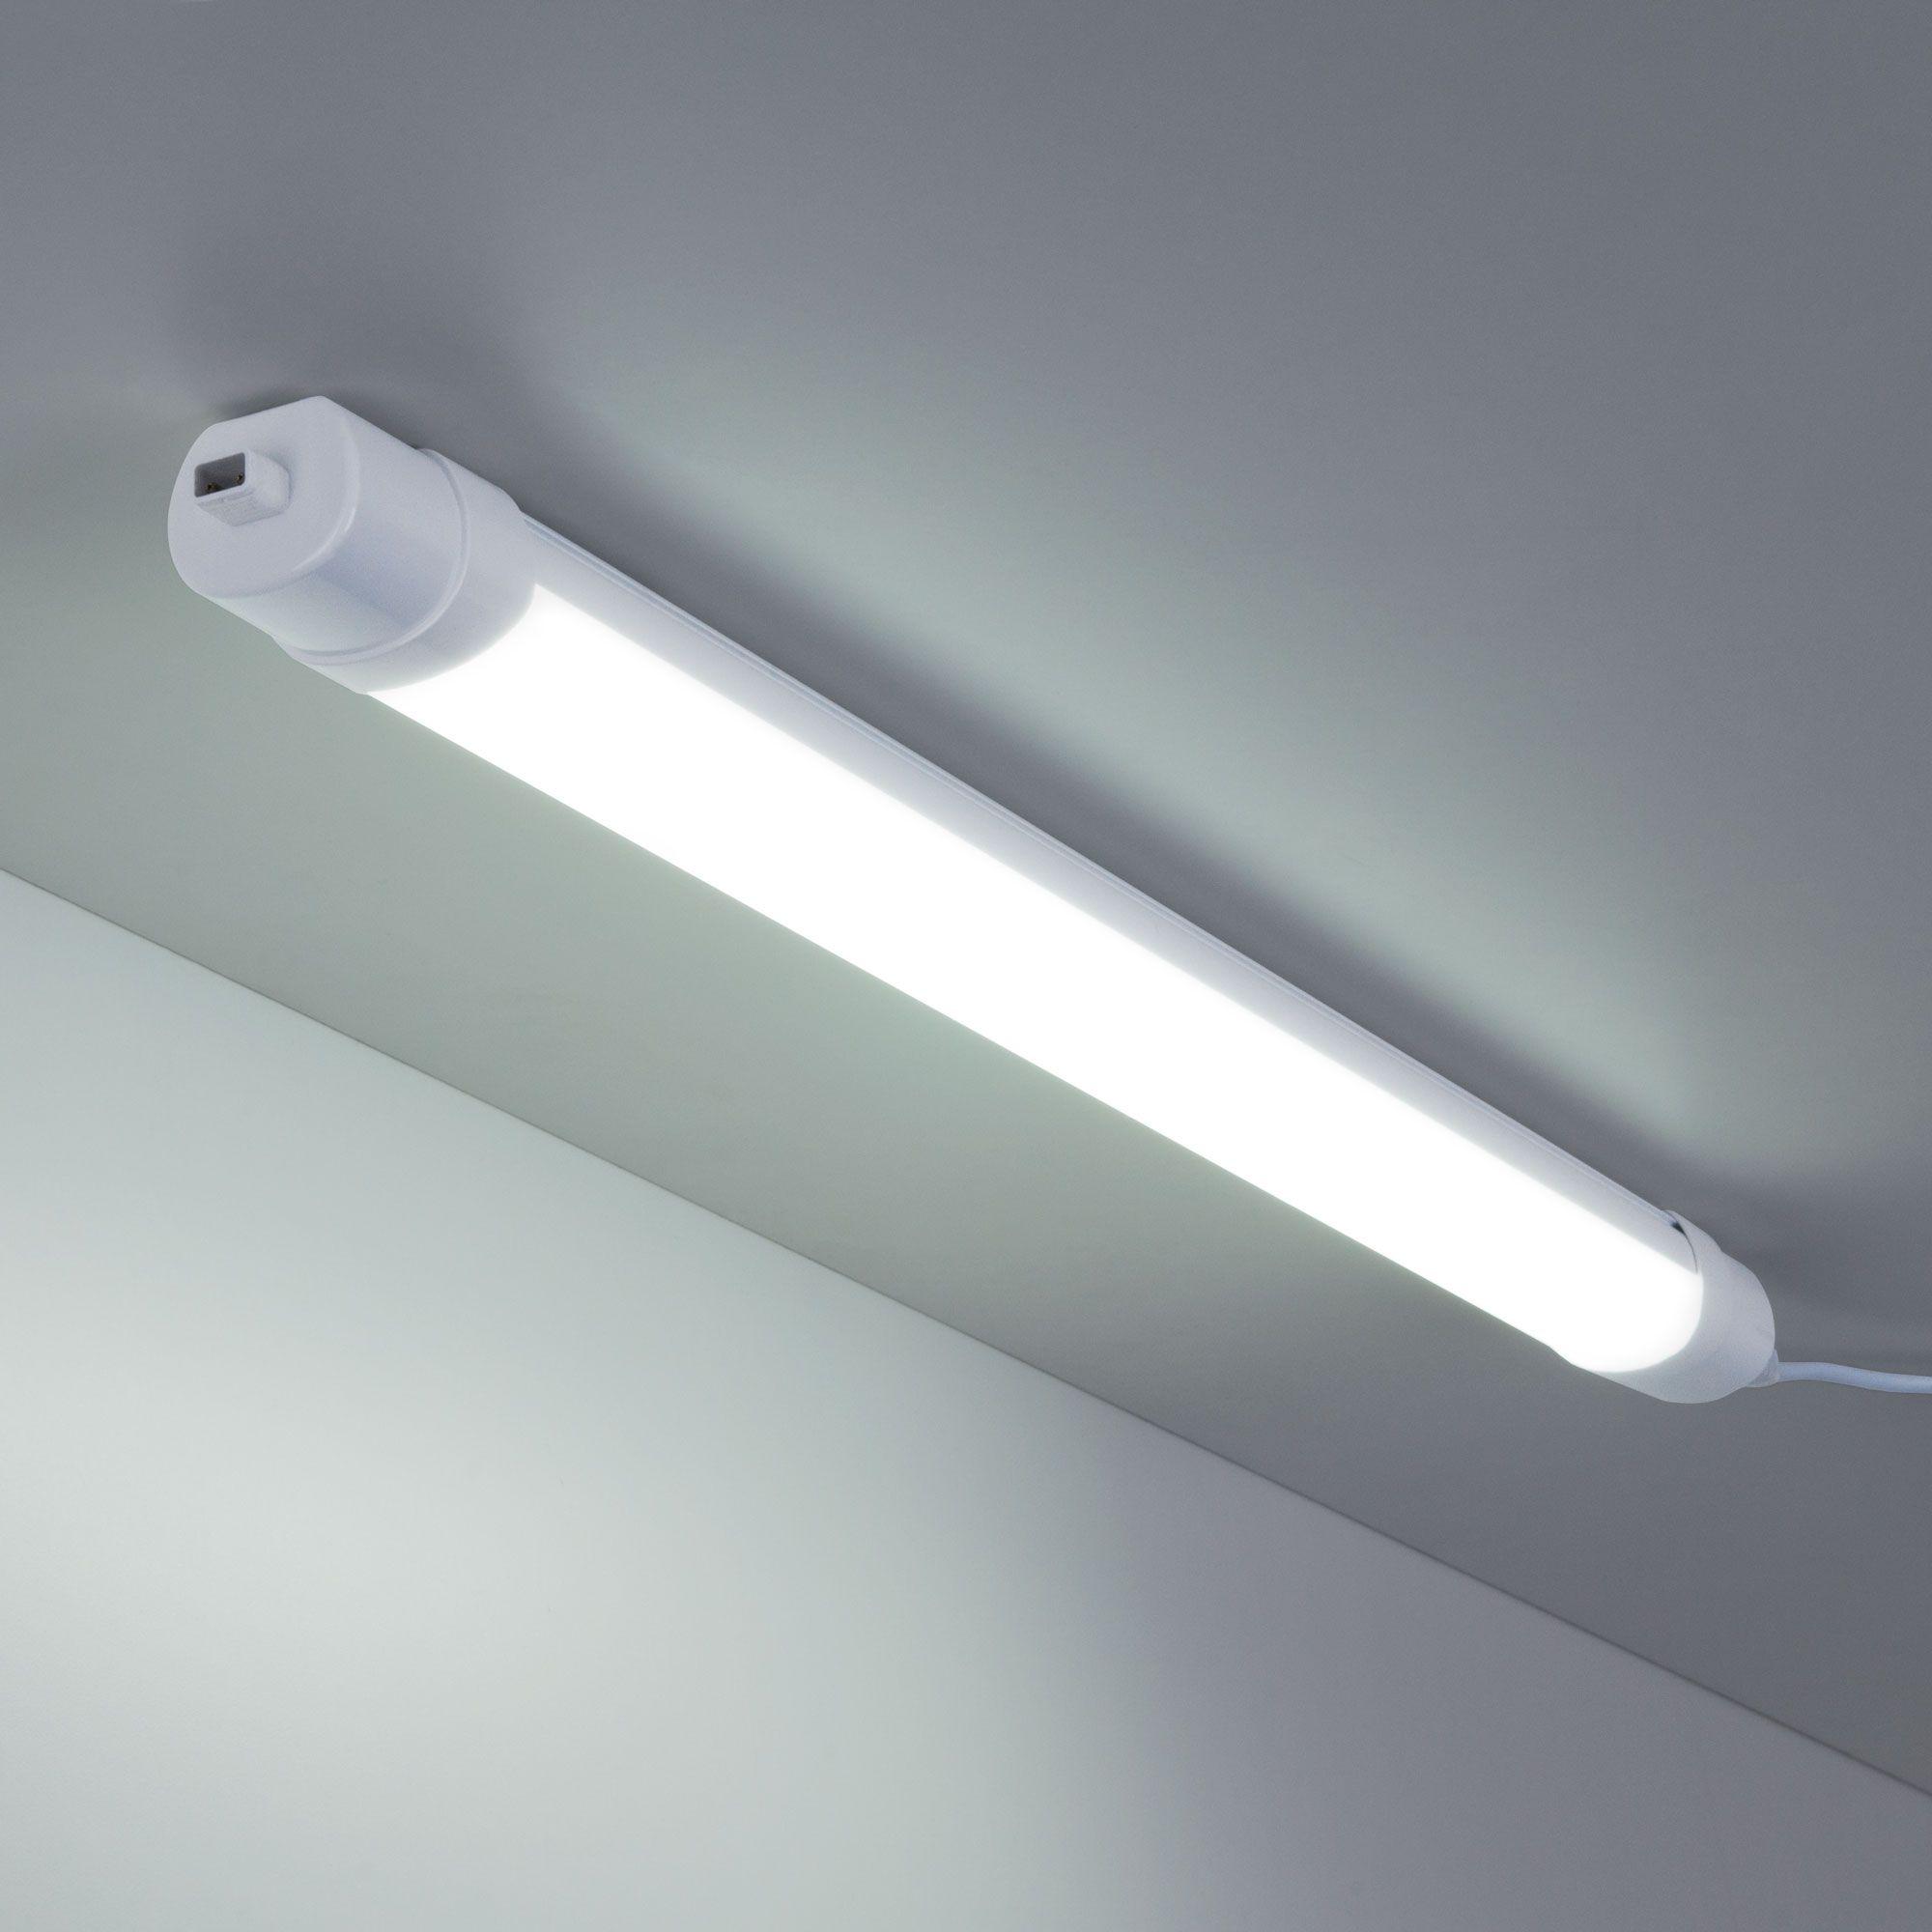 Пылевлагозащищенный светодиодный светильник Connect 18Вт 60 см LTB35 белый